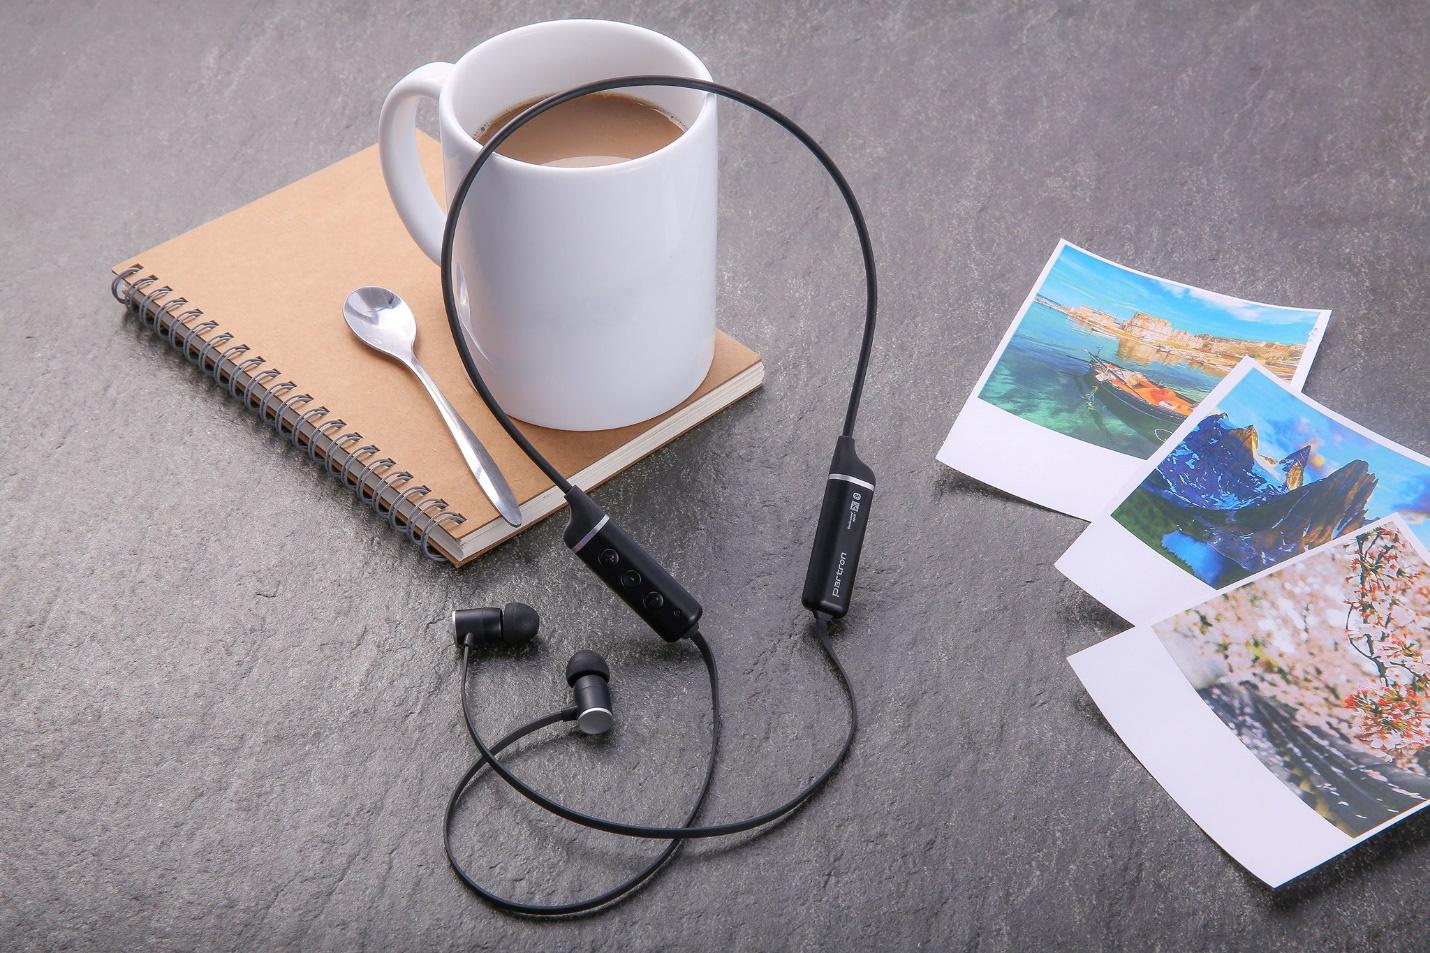 Chỉ gần 600k sở hữu ngay chiếc tai nghe sang chảnh mà hữu dụng, made in Korea của Partron trong mùa hè này - Ảnh 3.